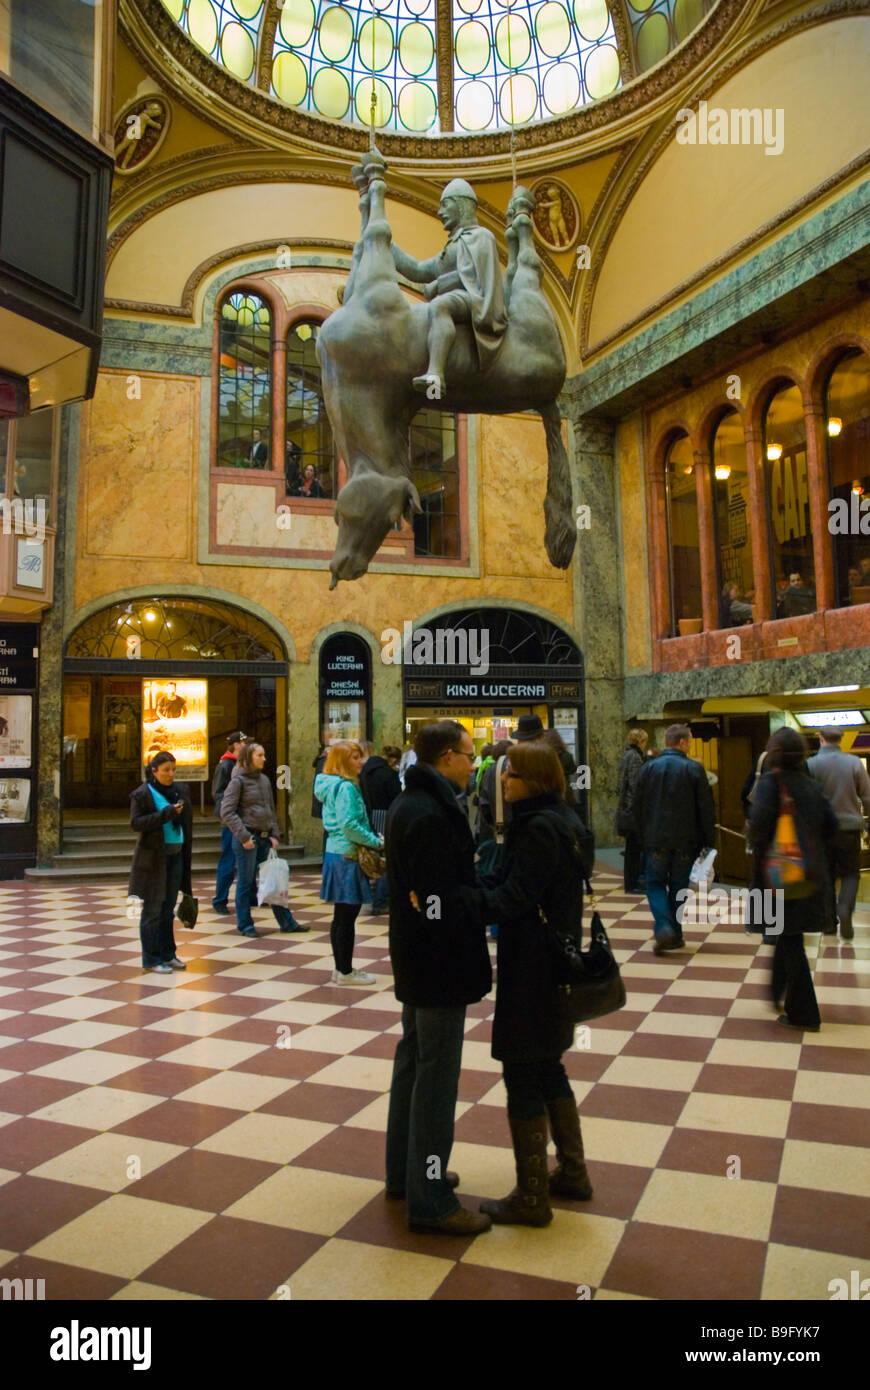 """Menschen warten, um in die """"Lucerna"""" Kino Pasaz Lucerna Einkaufspassage in Prag Tschechien Mitteleuropa Stockbild"""